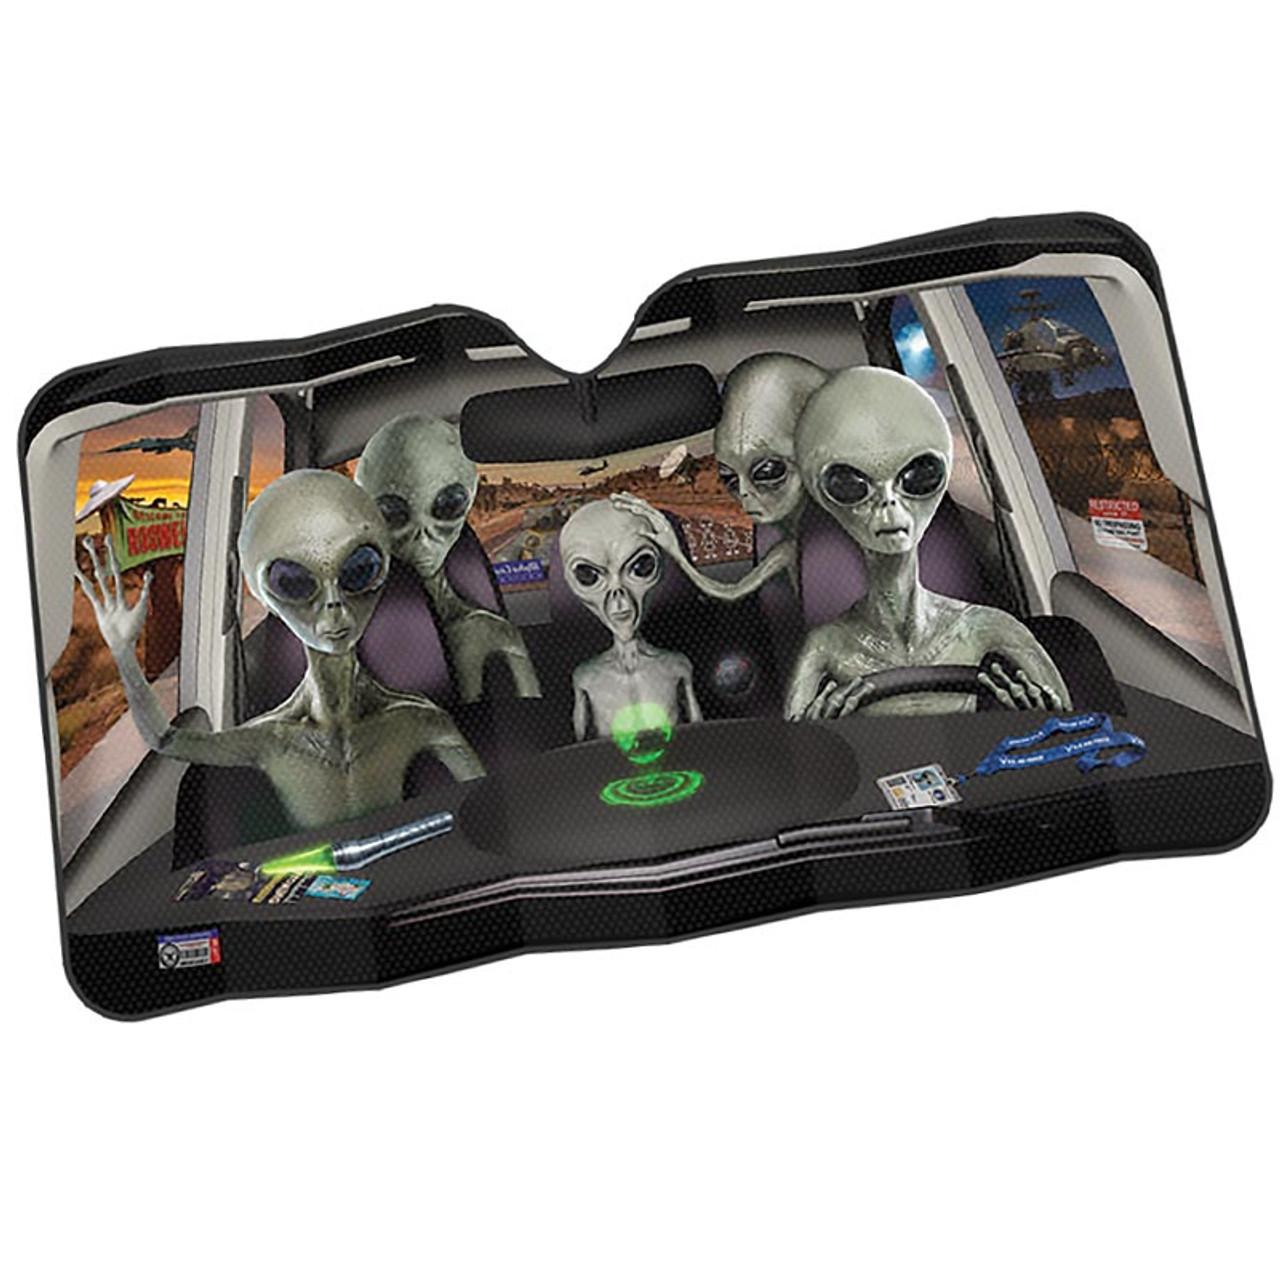 Area 51 Aliens Auto Sunshade